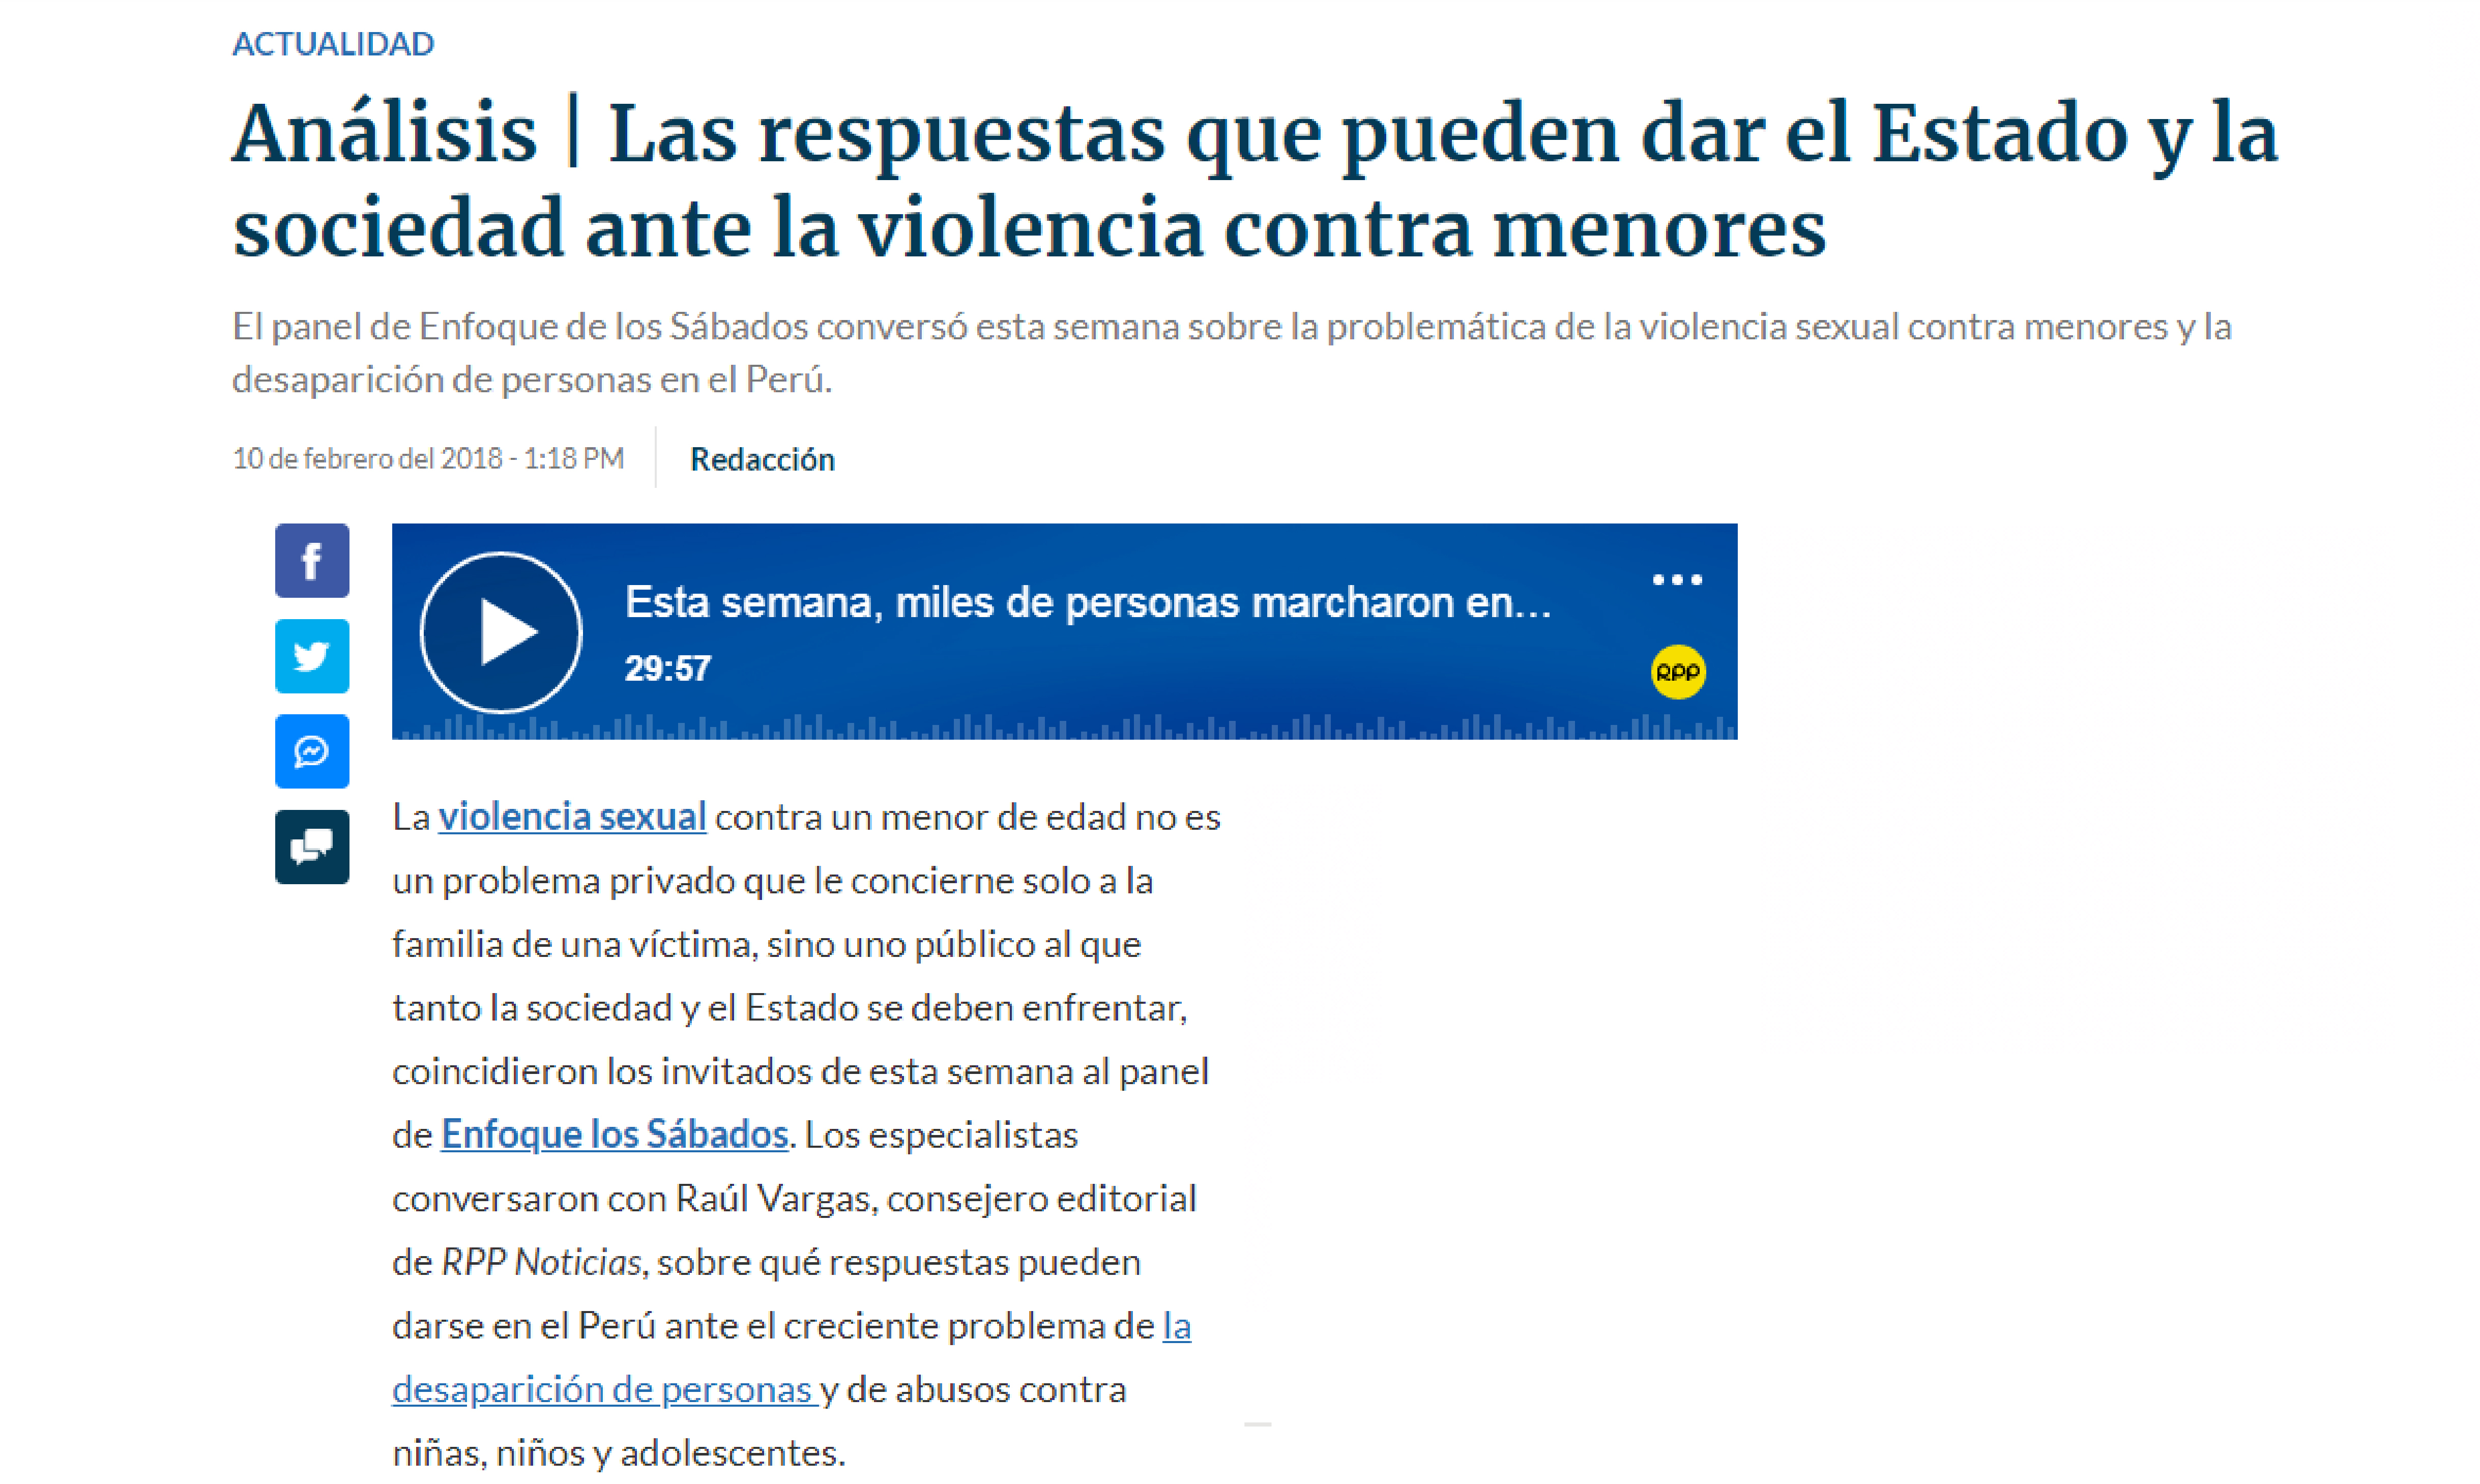 RPP: Las respuestas que pueden dar el Estado y la sociedad ante la violencia contra menores